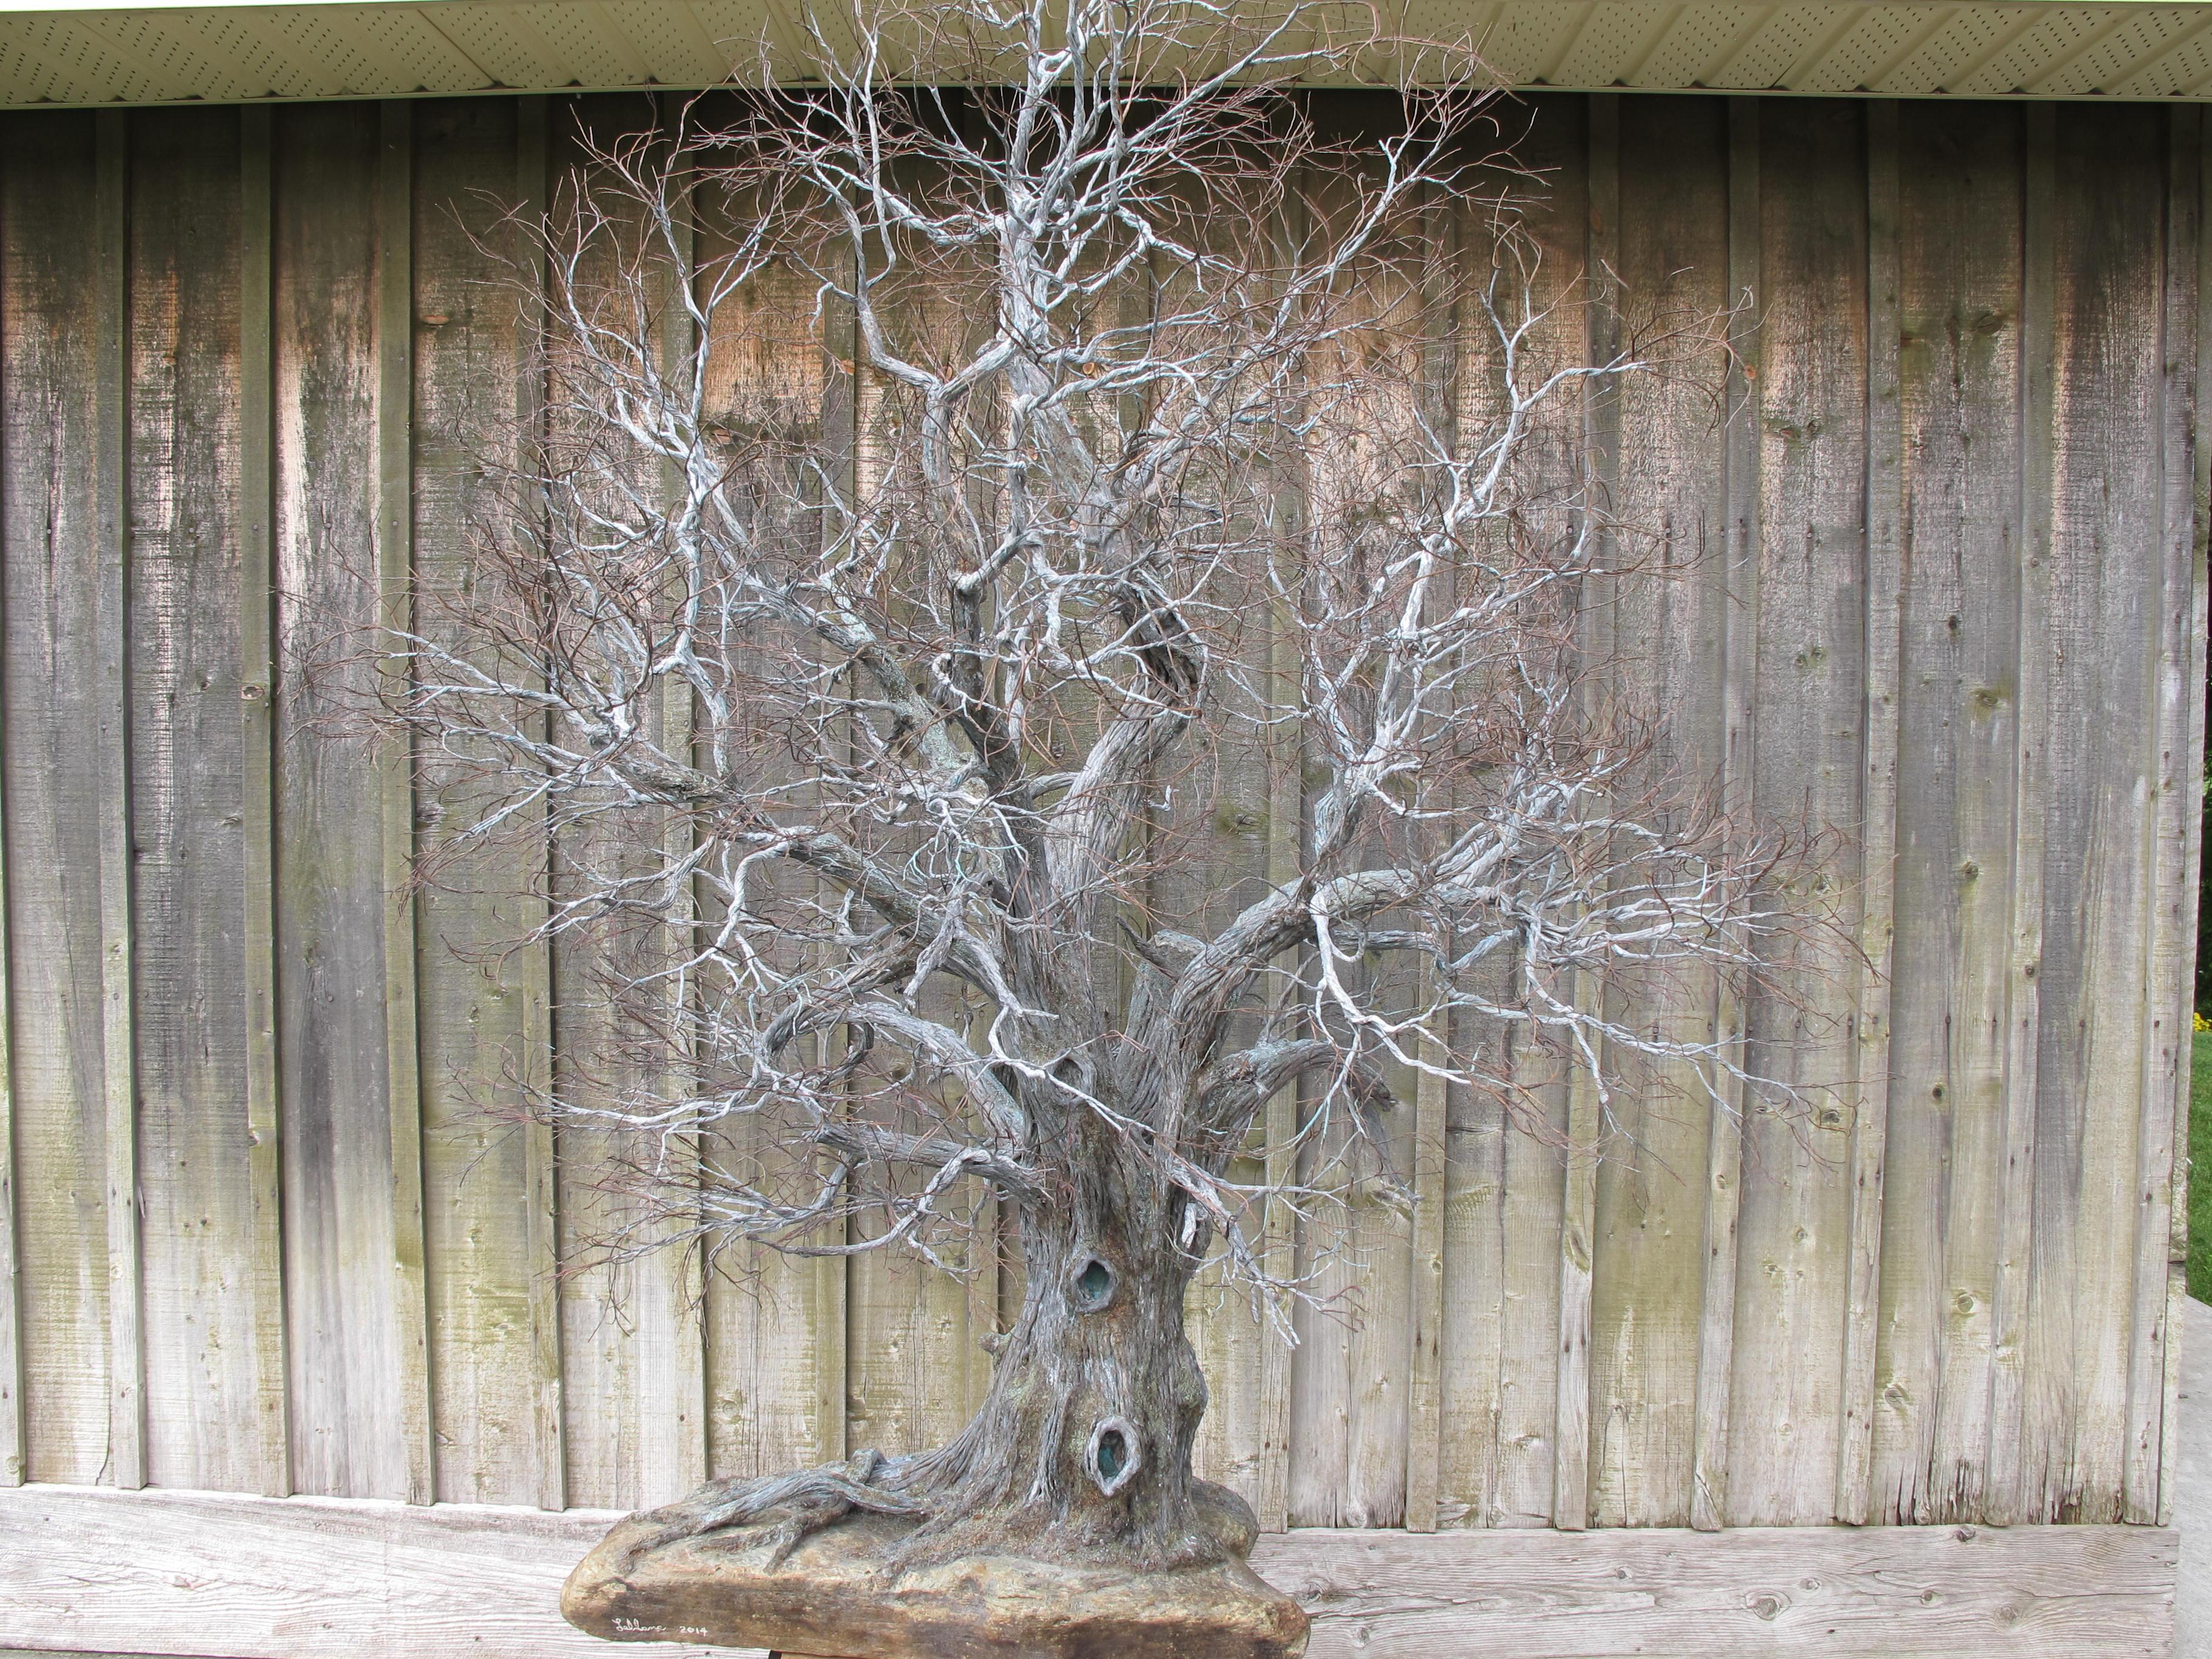 L'arbre de vie 2014 (urne familiale) 5 x 4 pieds  $15,000 (15)